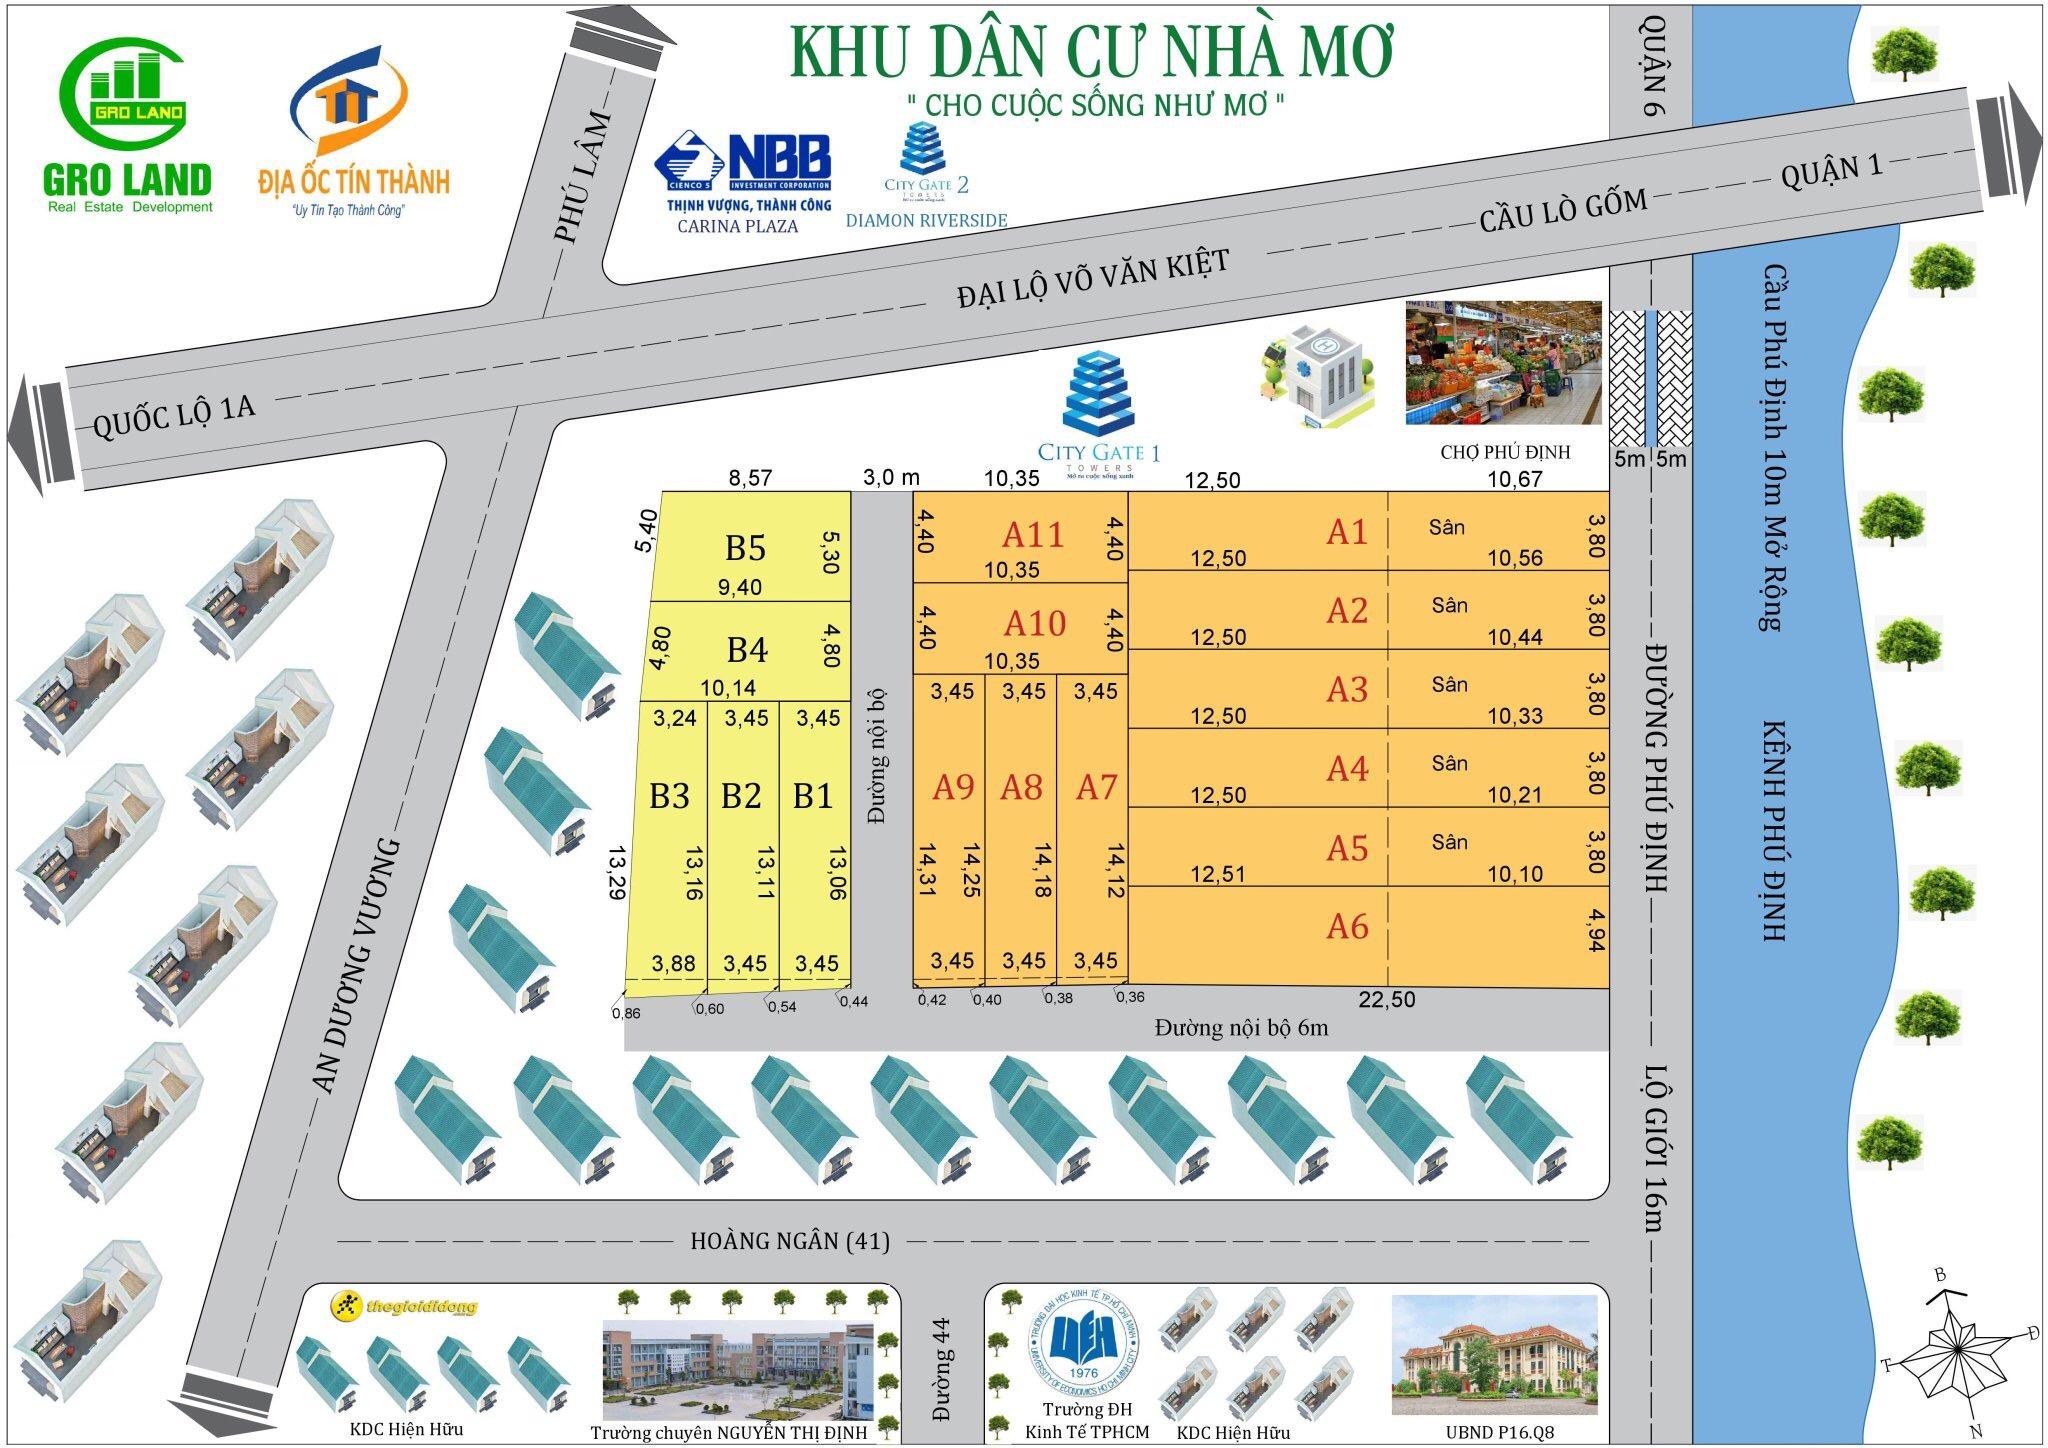 Bán nhà phố đường Bến Phú Định Quận 8